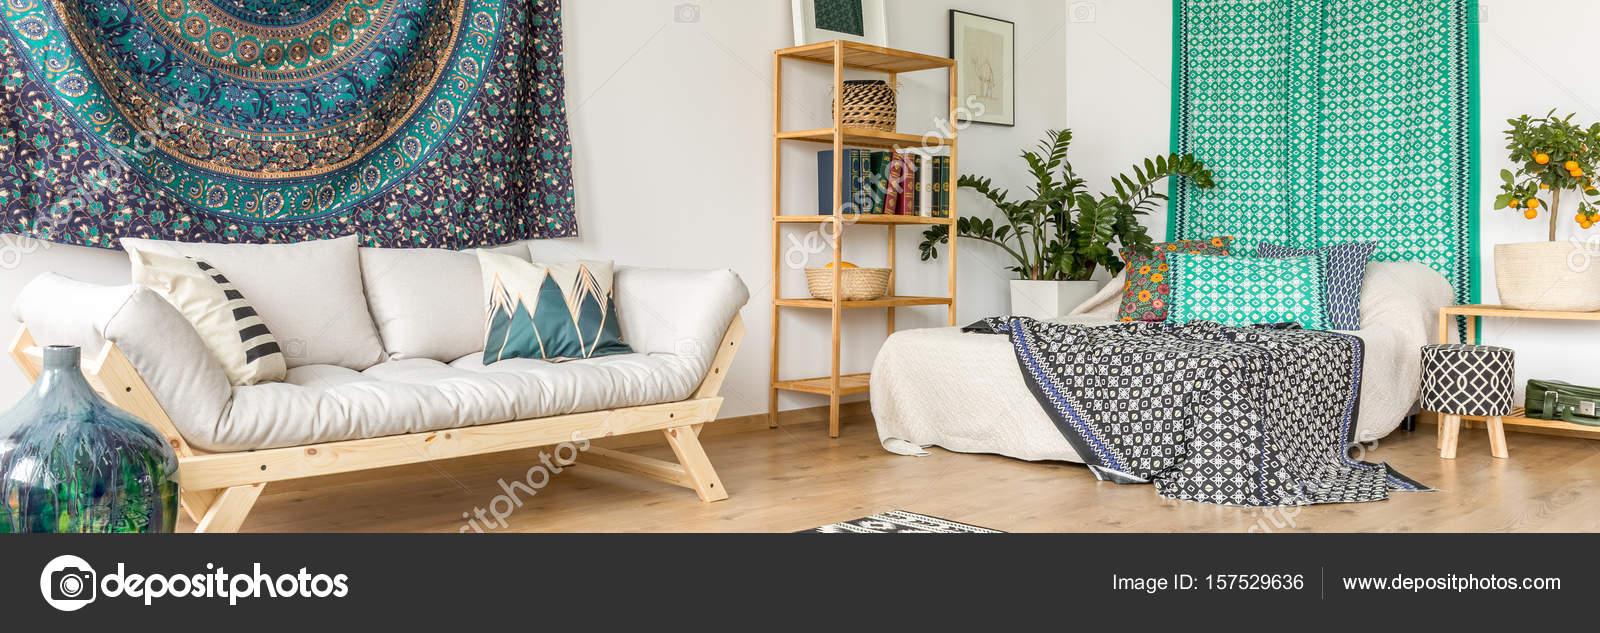 Dormitorio con accesorios tnicos Foto de stock photographeeeu